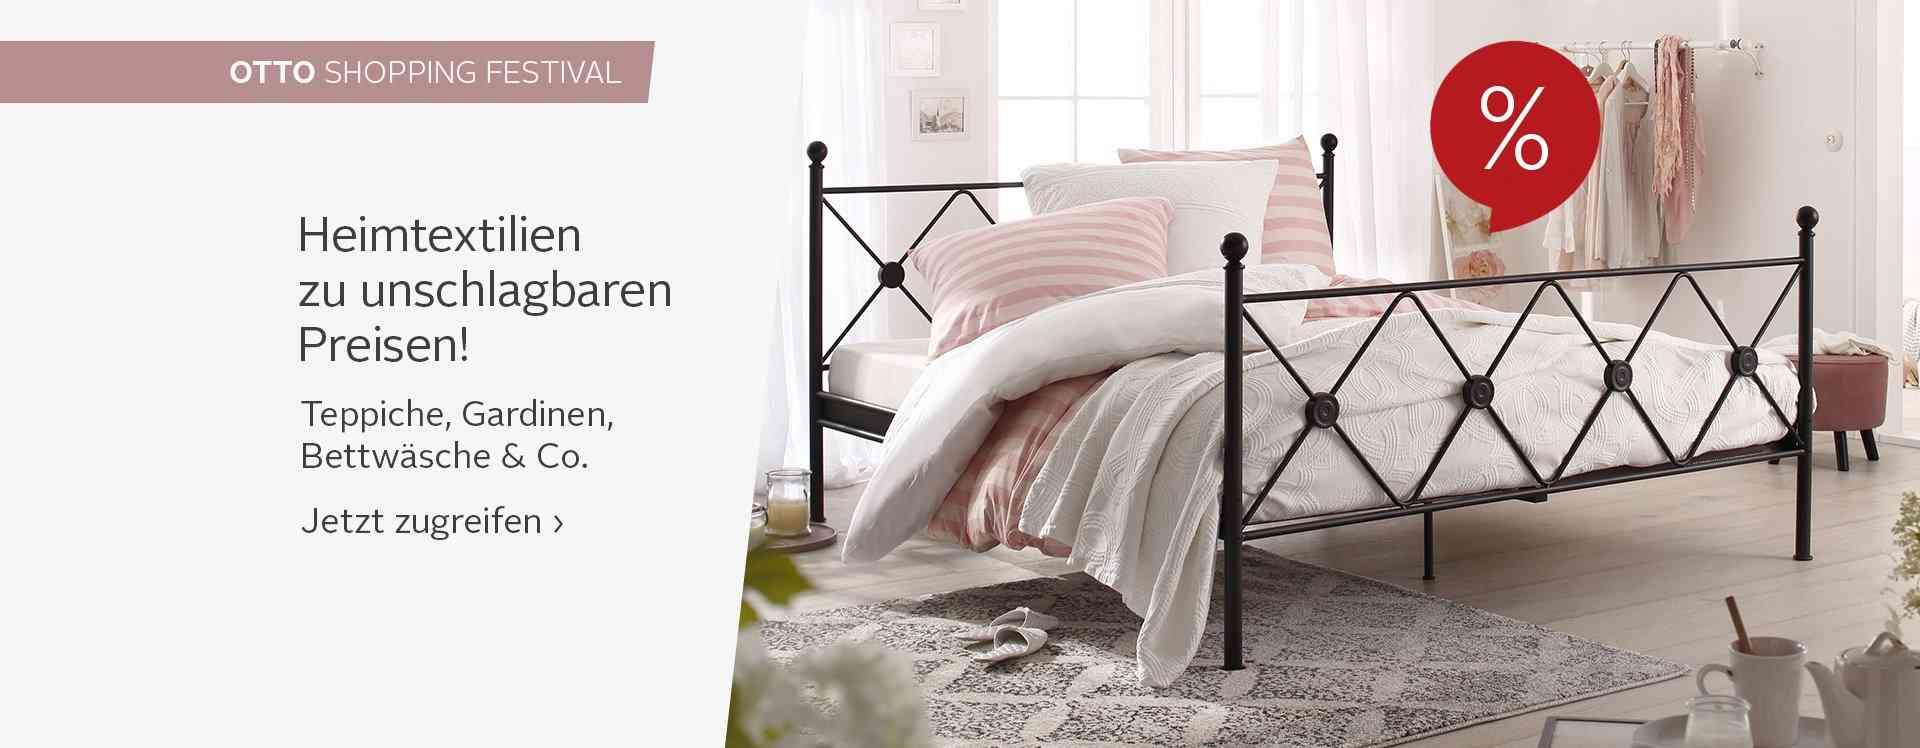 Moderne und hochwertige Heimtextilien für ein gemütliches zu Hause - von Bettwäsche & Bettlaken über Gardinen & Vorhänge bis zu Matratzen, Lattenrosten und Teppichen!